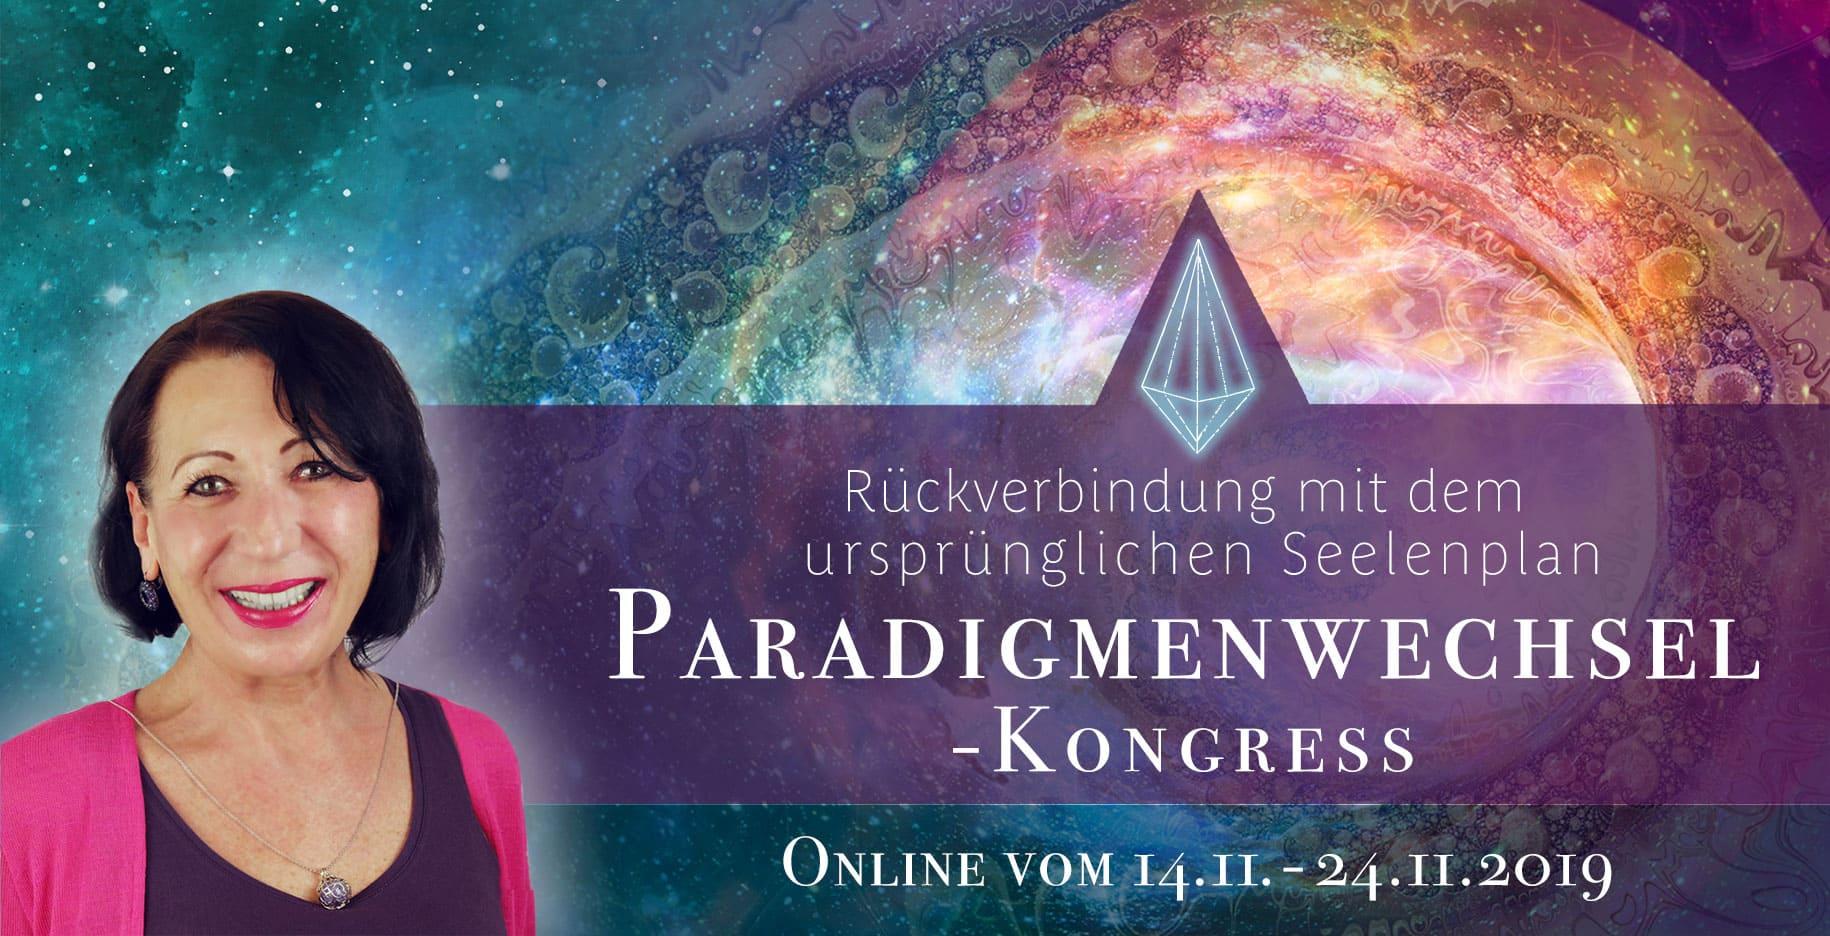 Paradigmenwechsel Online kongress 2019 von Roswitha Petri